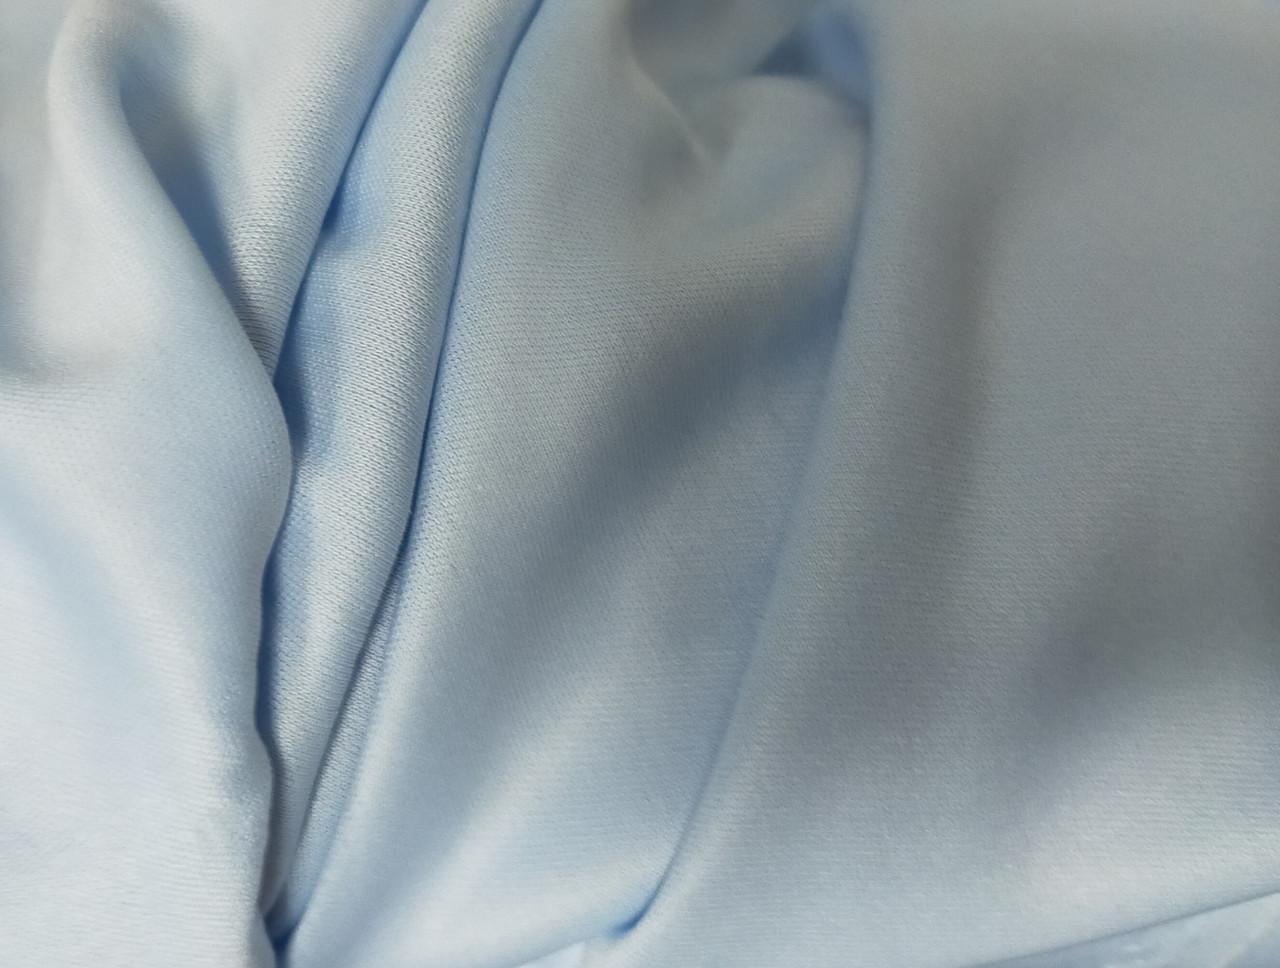 Підкладка трикотажна,  ширина 150см колір голубий